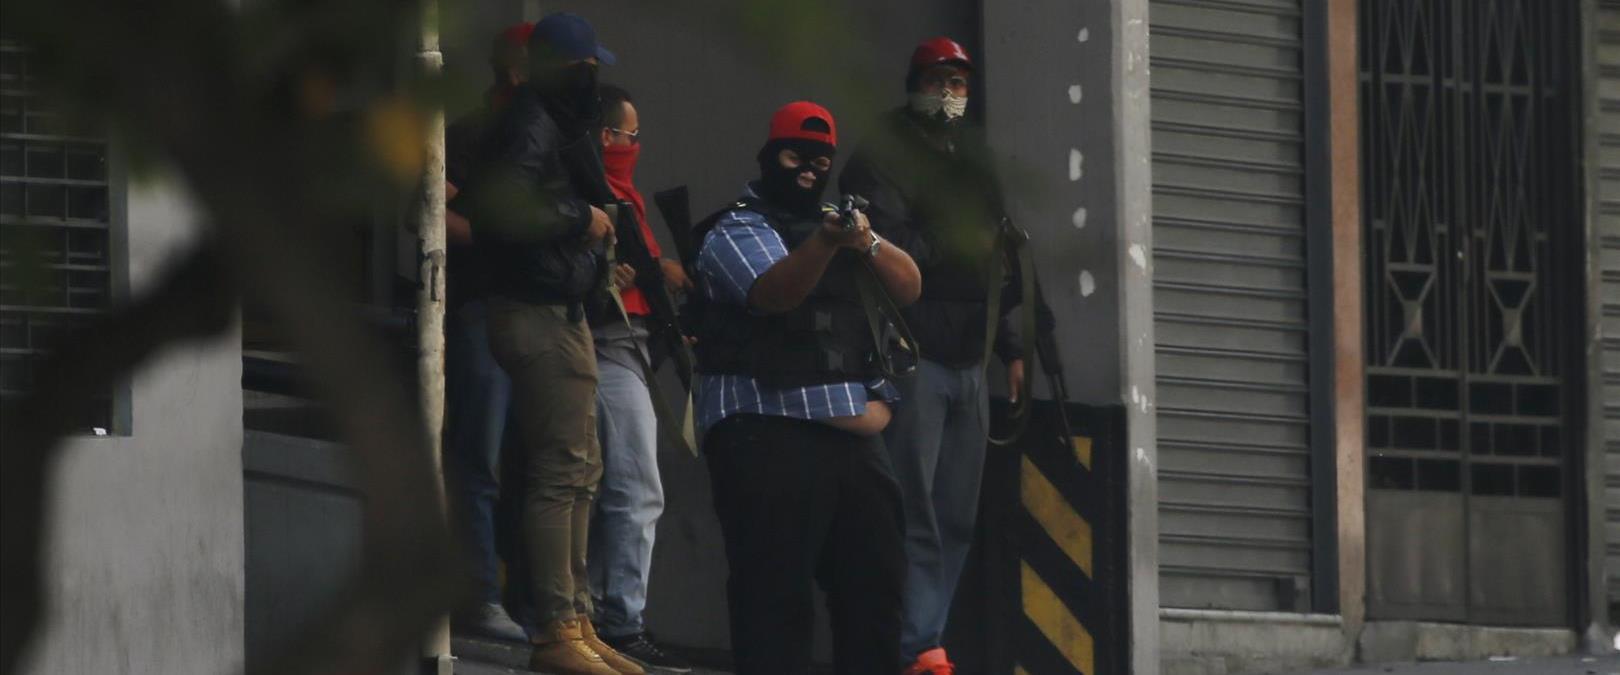 מהומות בוונצואלה